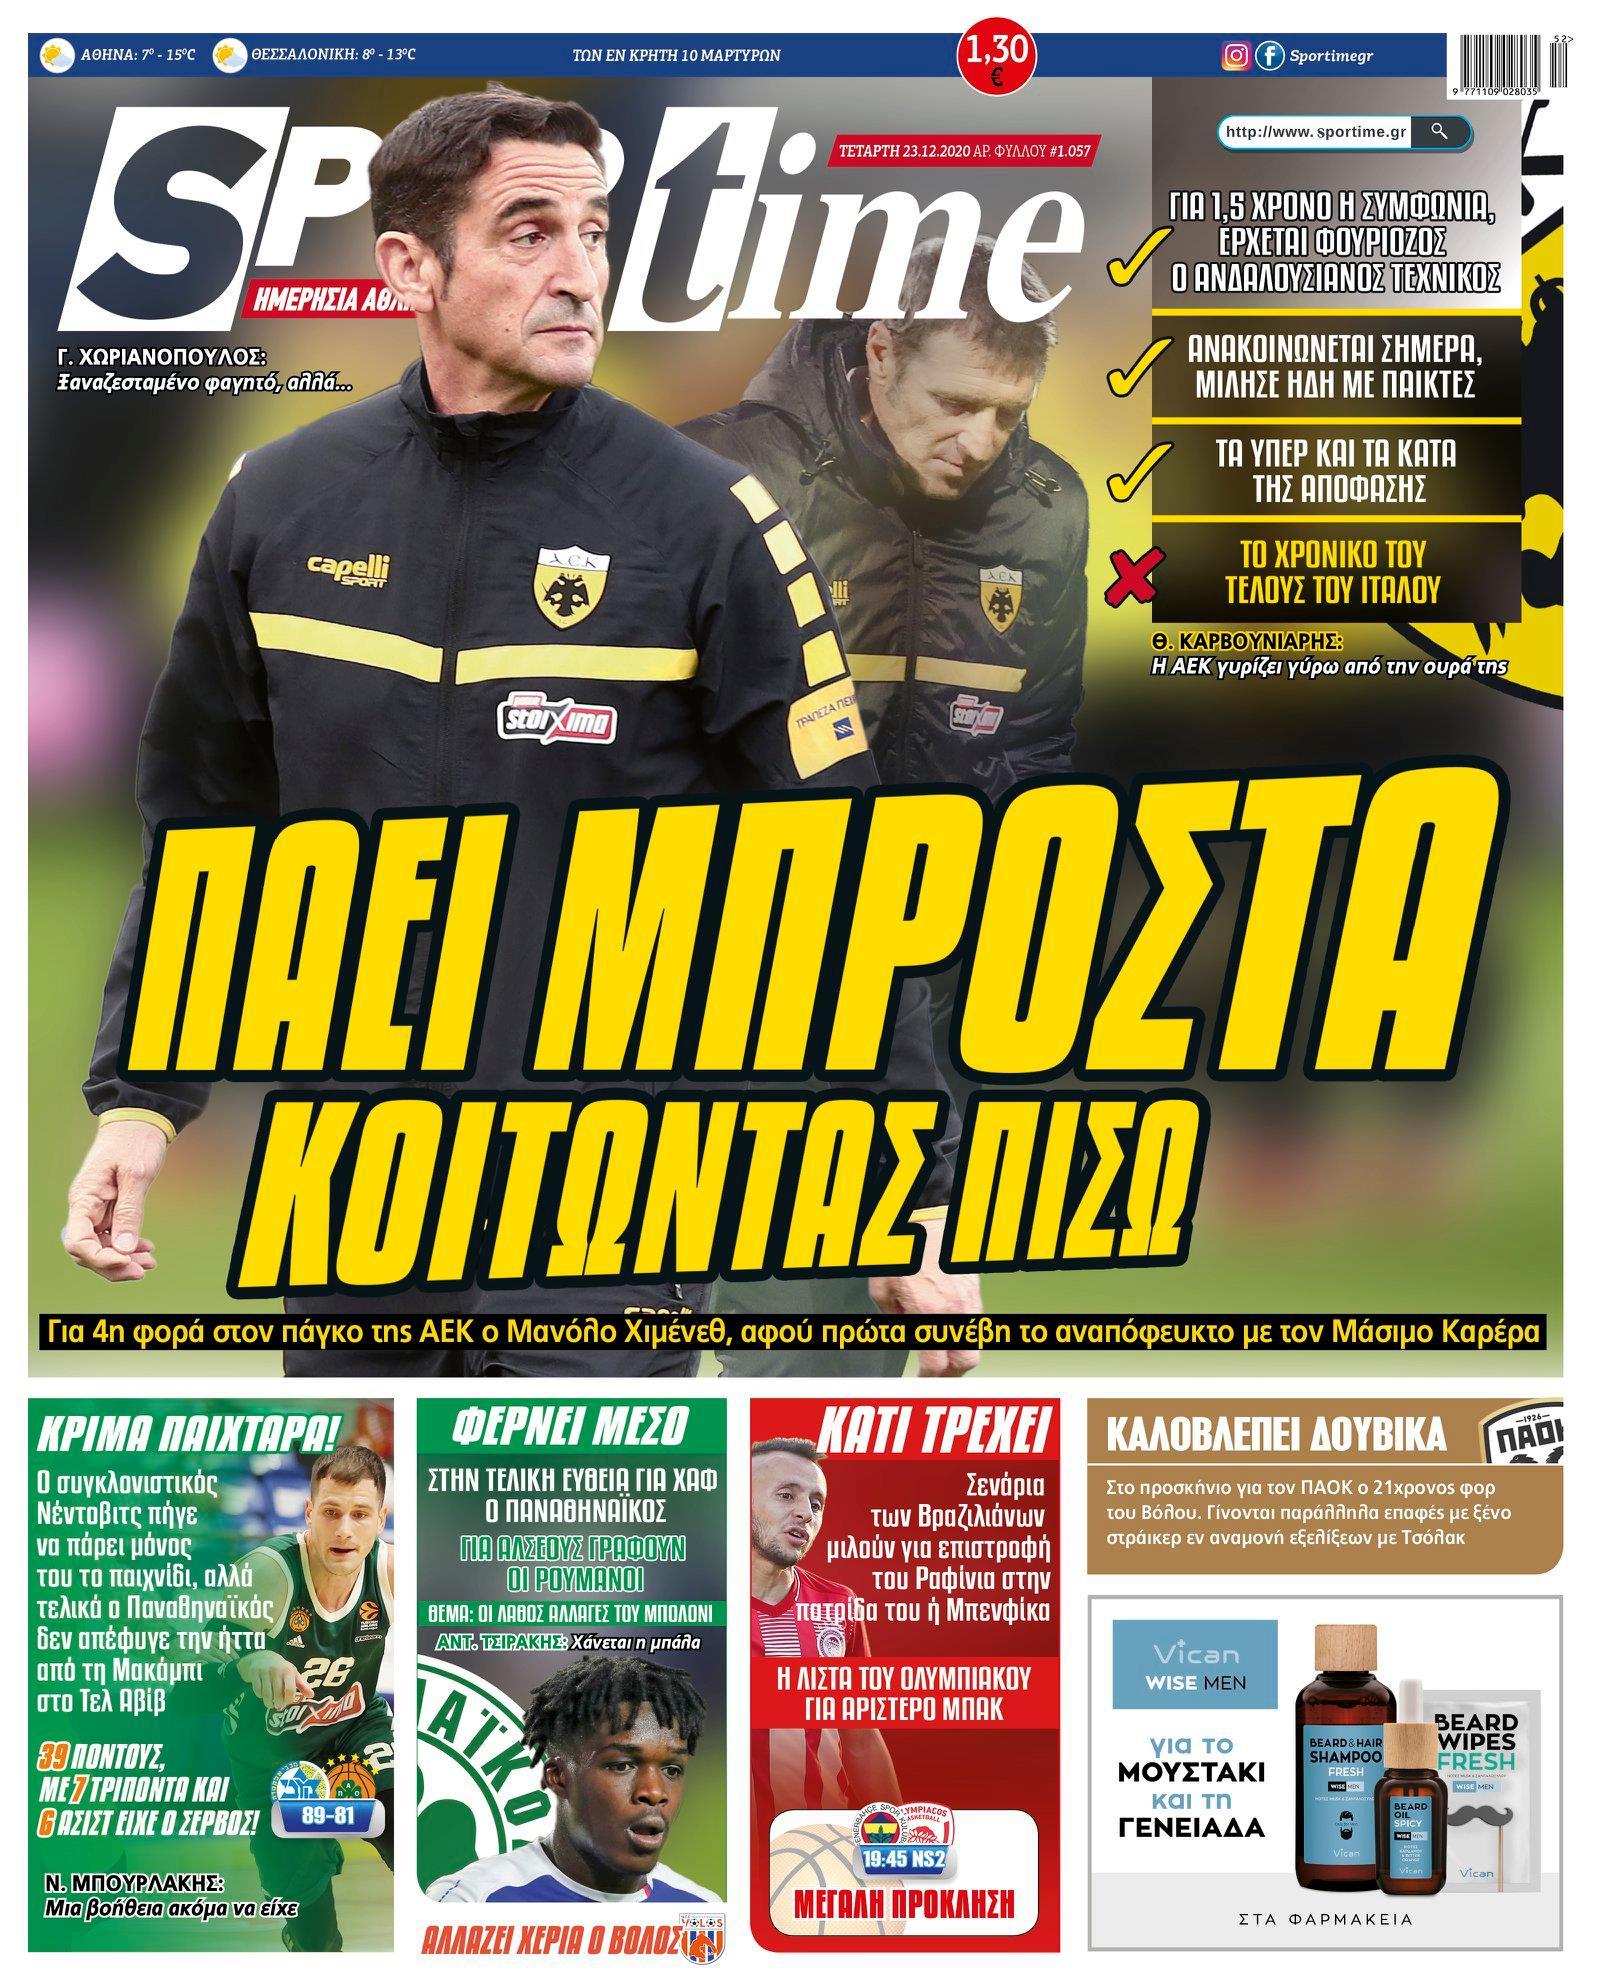 Εφημερίδα SPORTIME - Εξώφυλλο φύλλου 23/12/2020